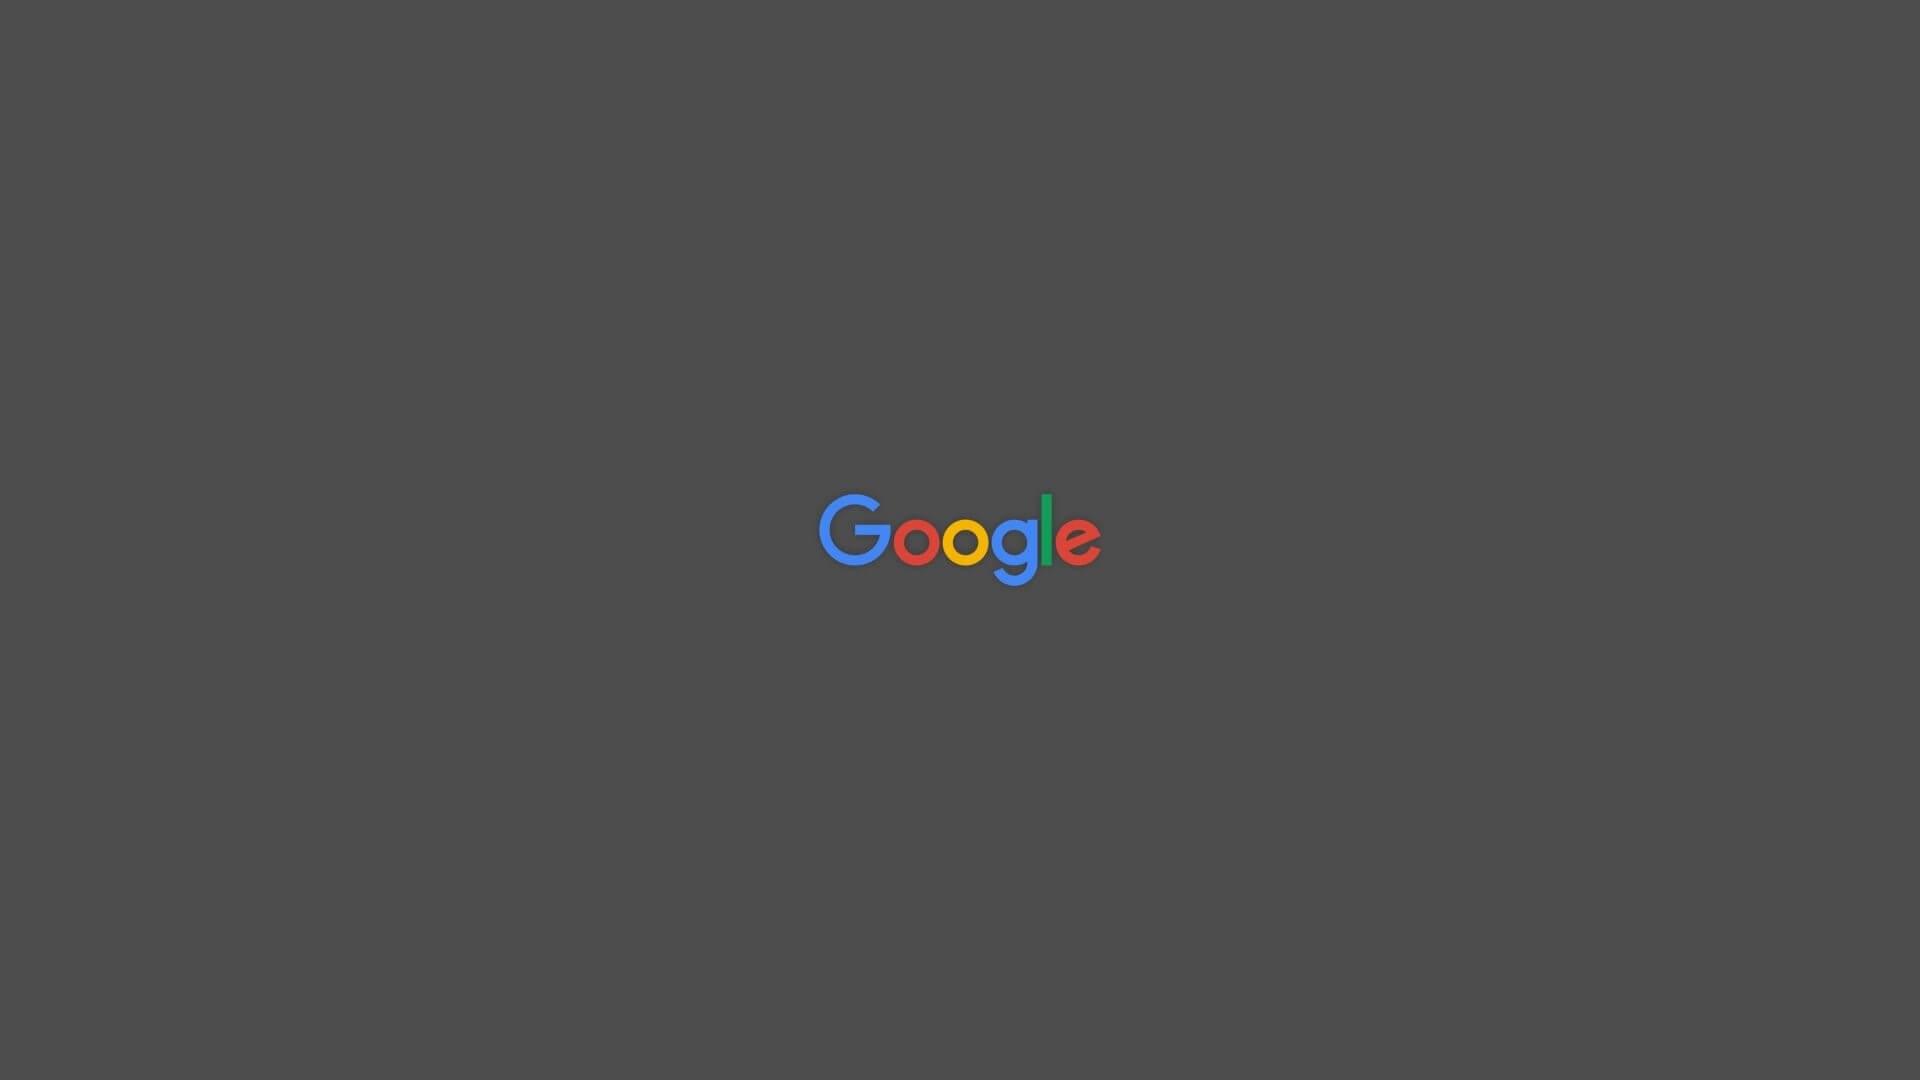 hình nền logo của công cụ tìm kiếm Google số 7